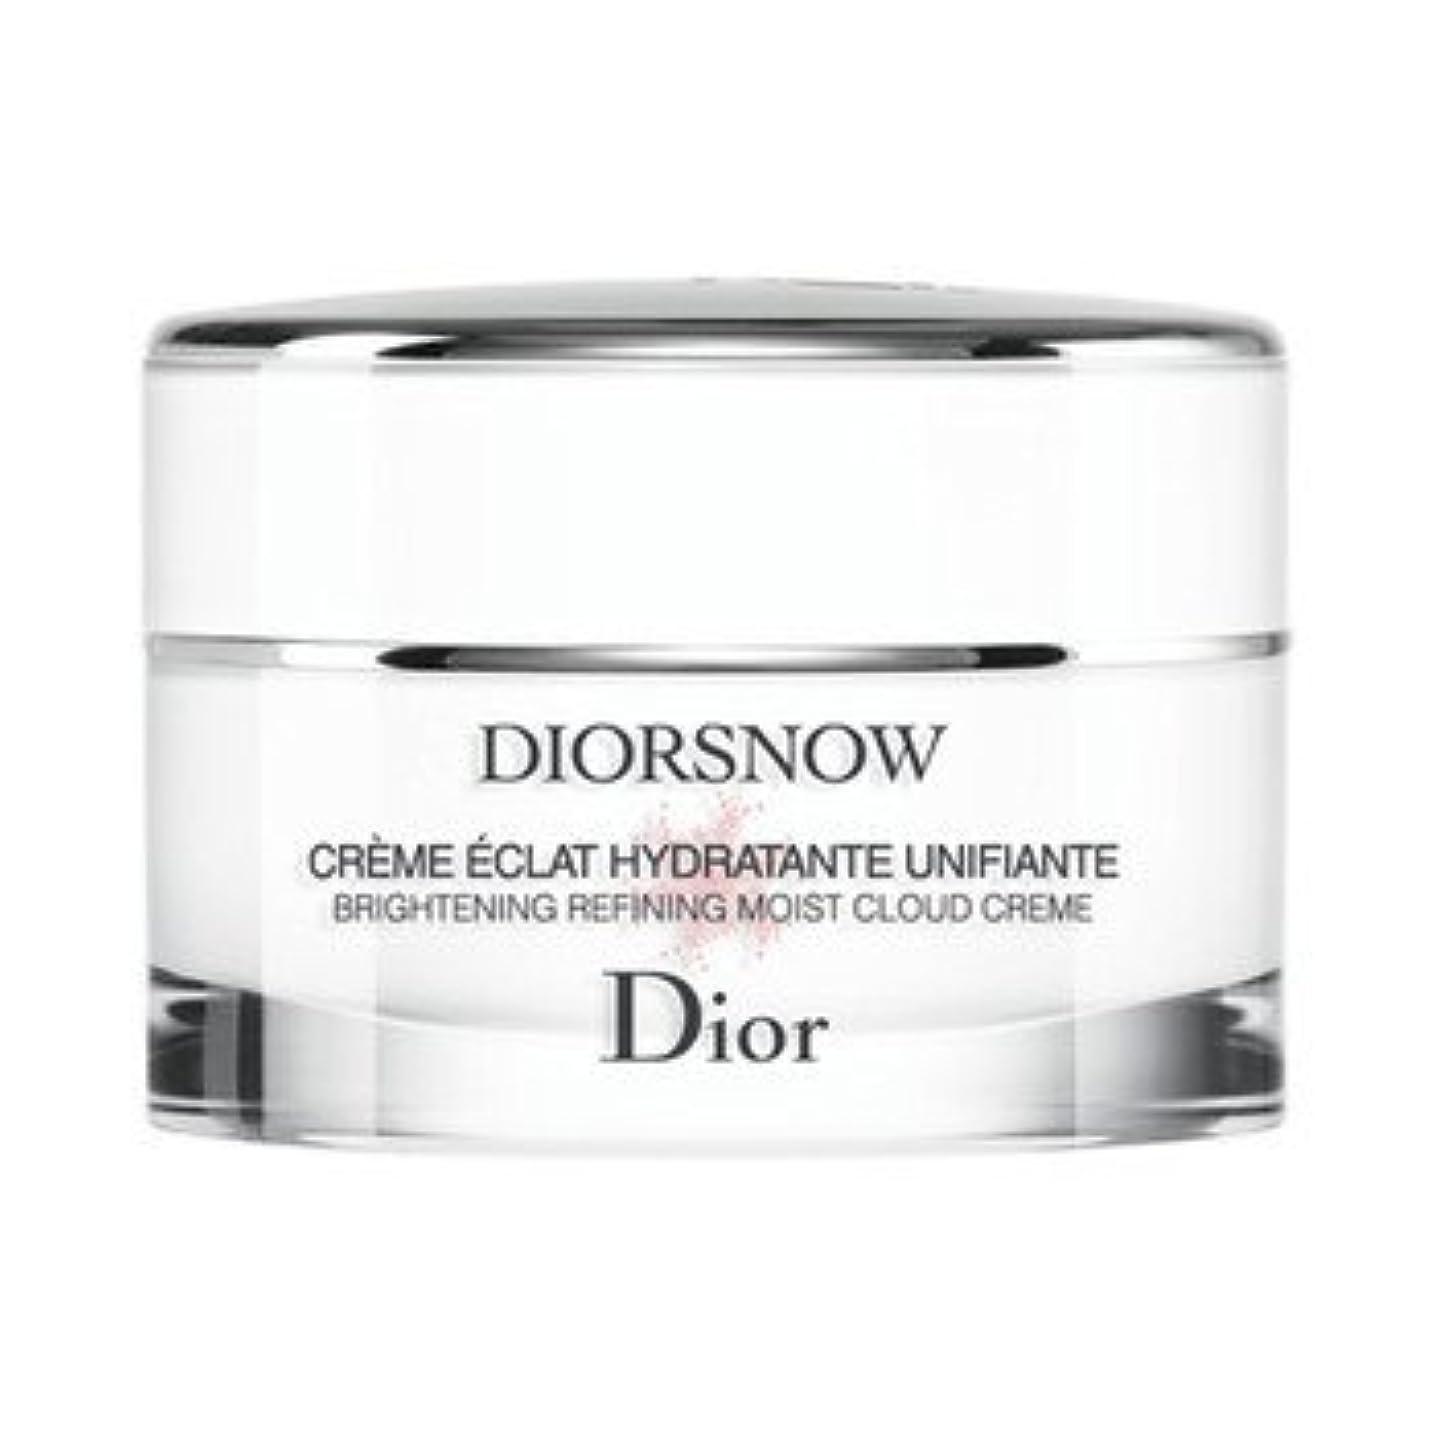 貴重なに頼る聖歌Chiristian Dior クリスチャン ディオール DIOR SNOW ディオール スノー ブライトニング モイスト クリーム 50ml (医薬部外品)【国内正規品】